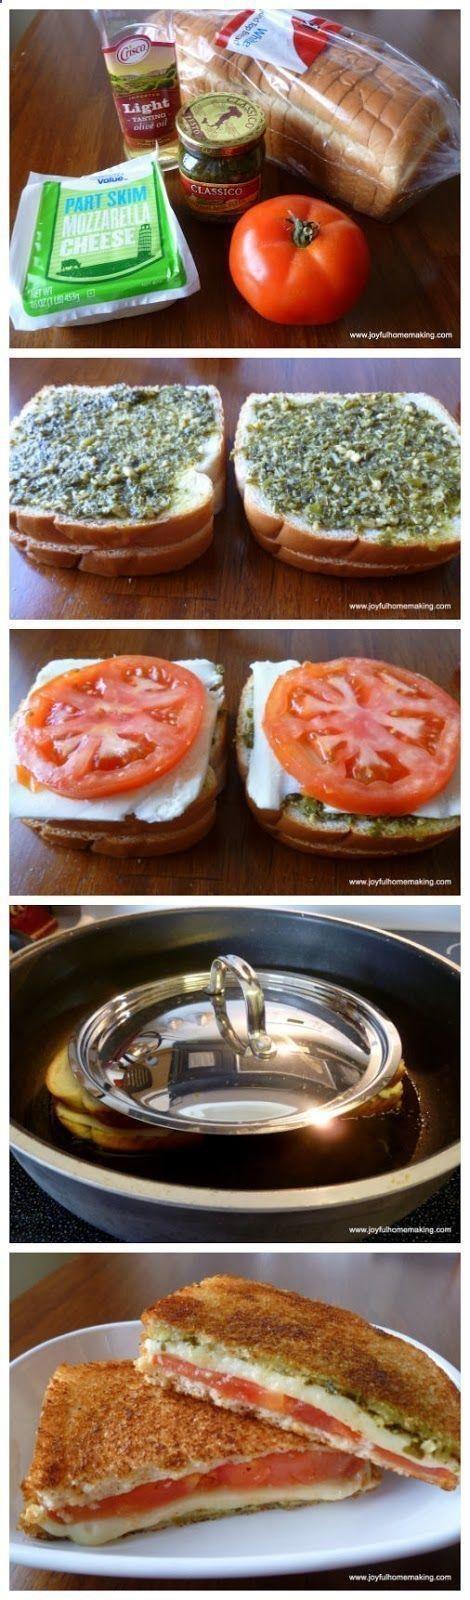 Tomato basil mozzarella sandwich.